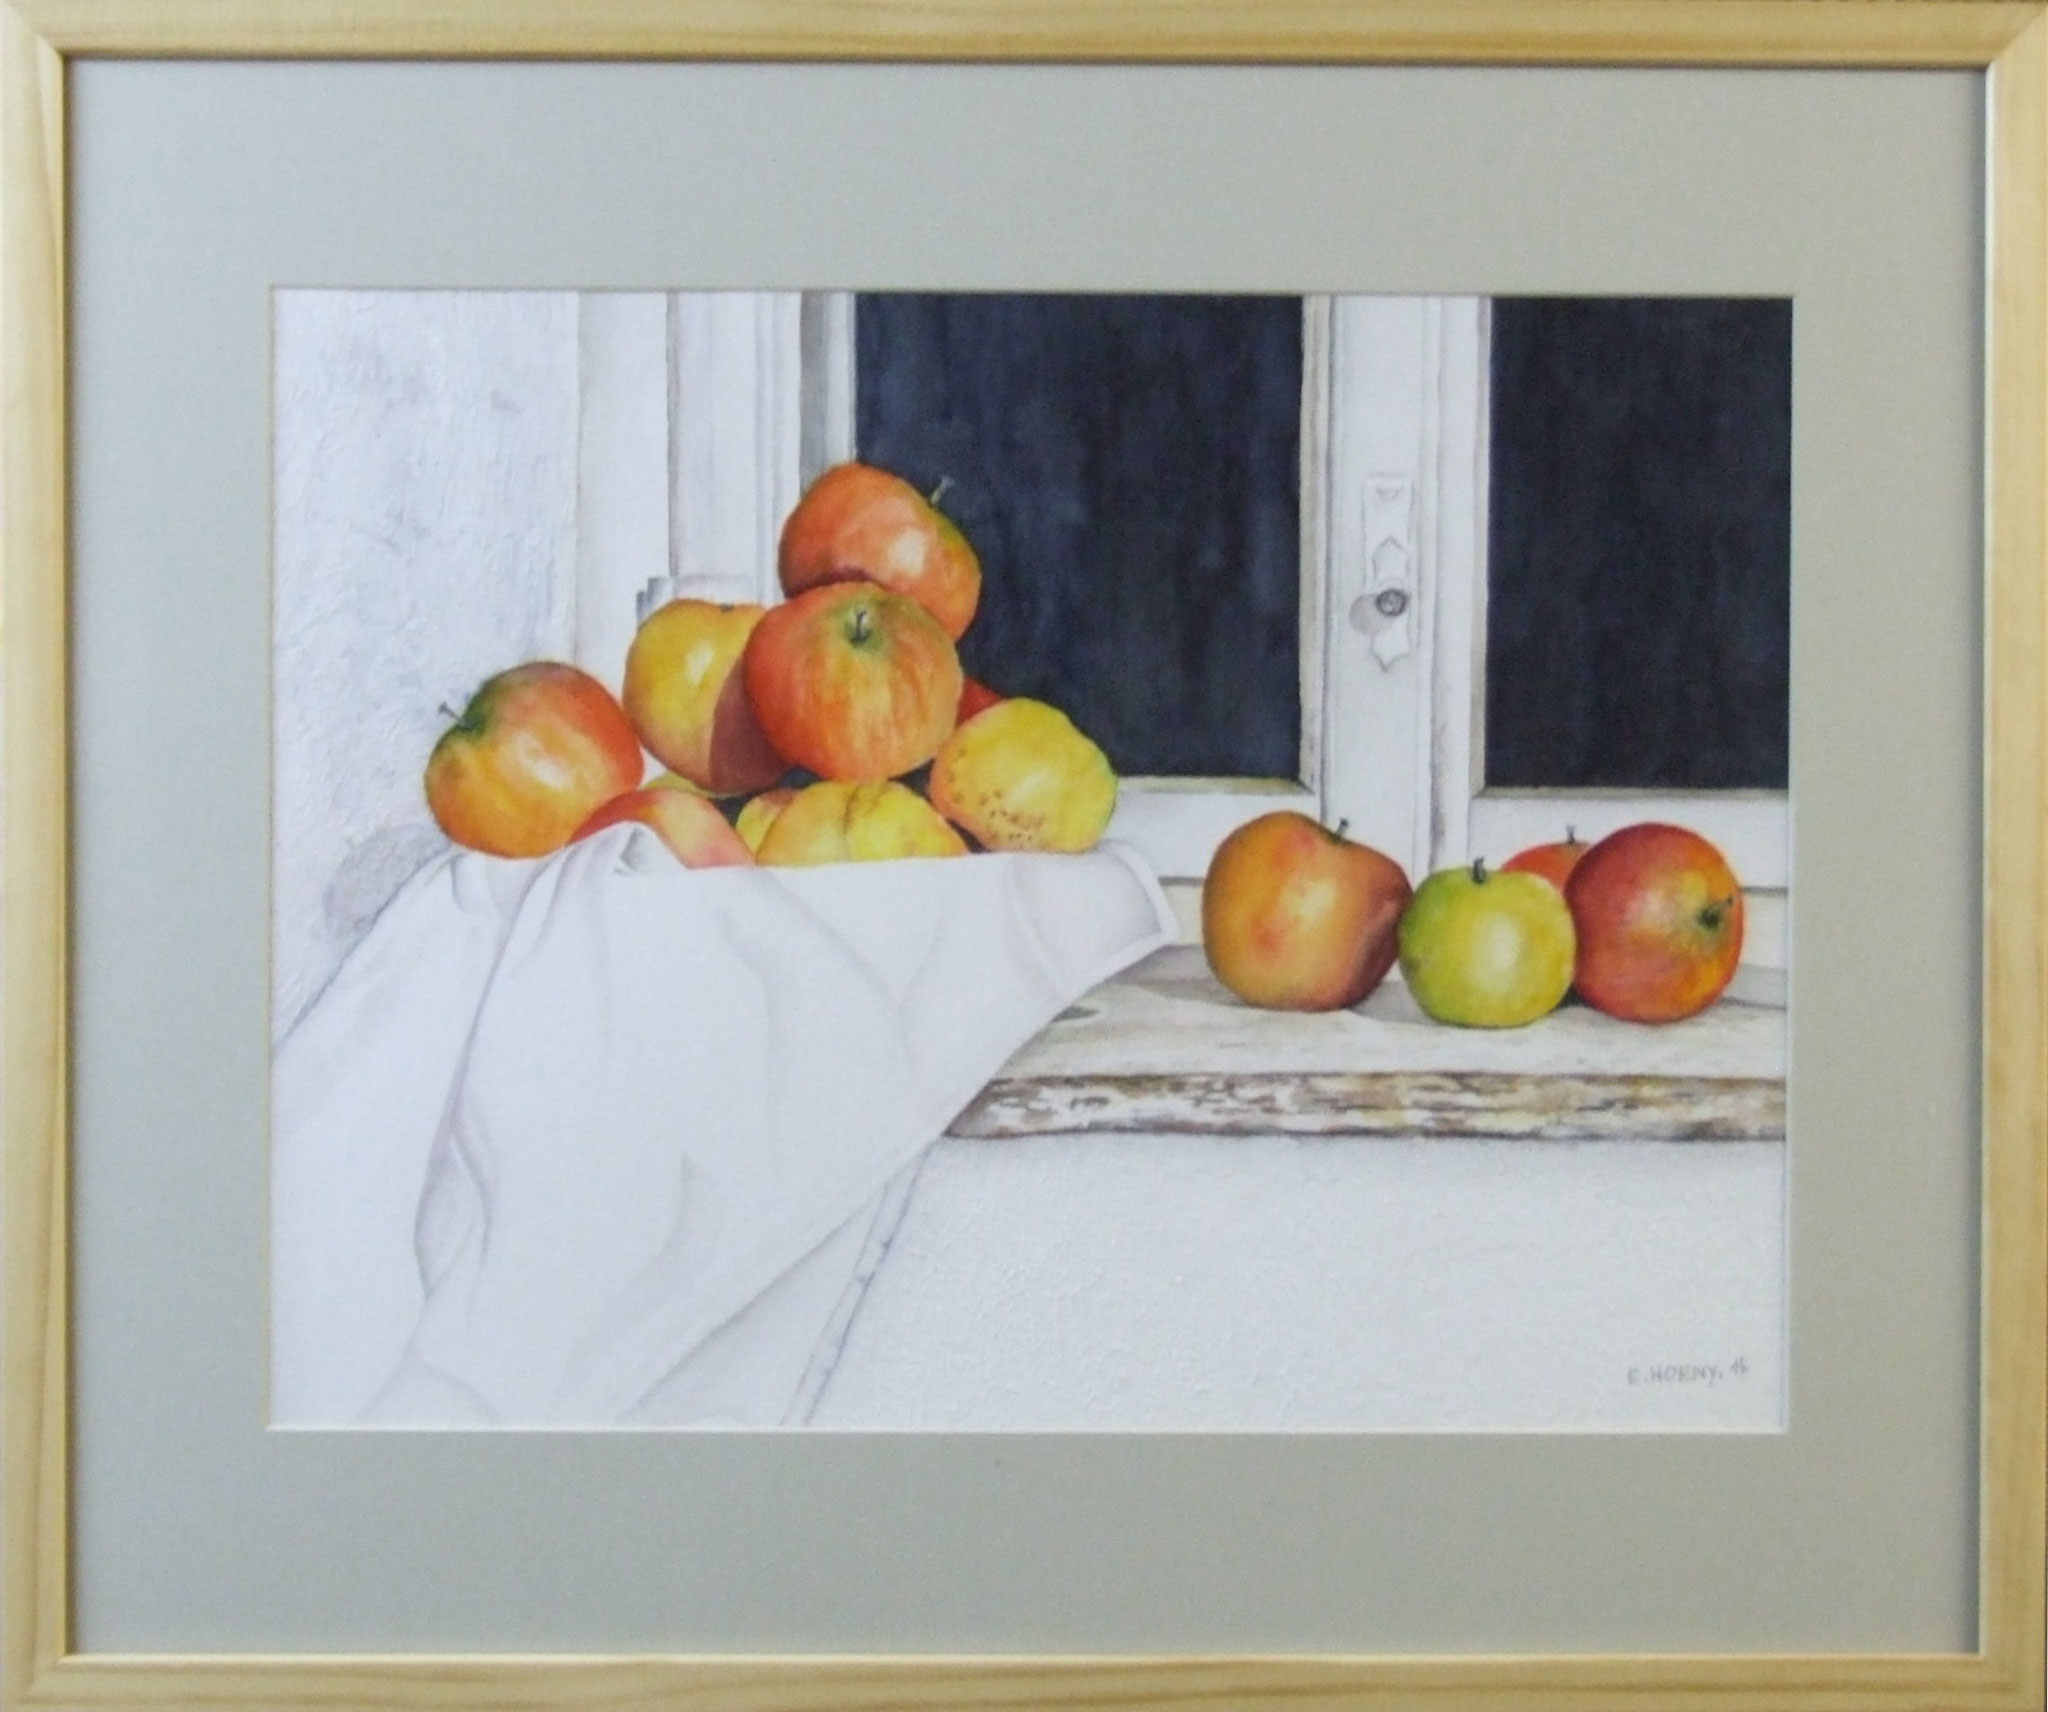 Äpfel im Fenster